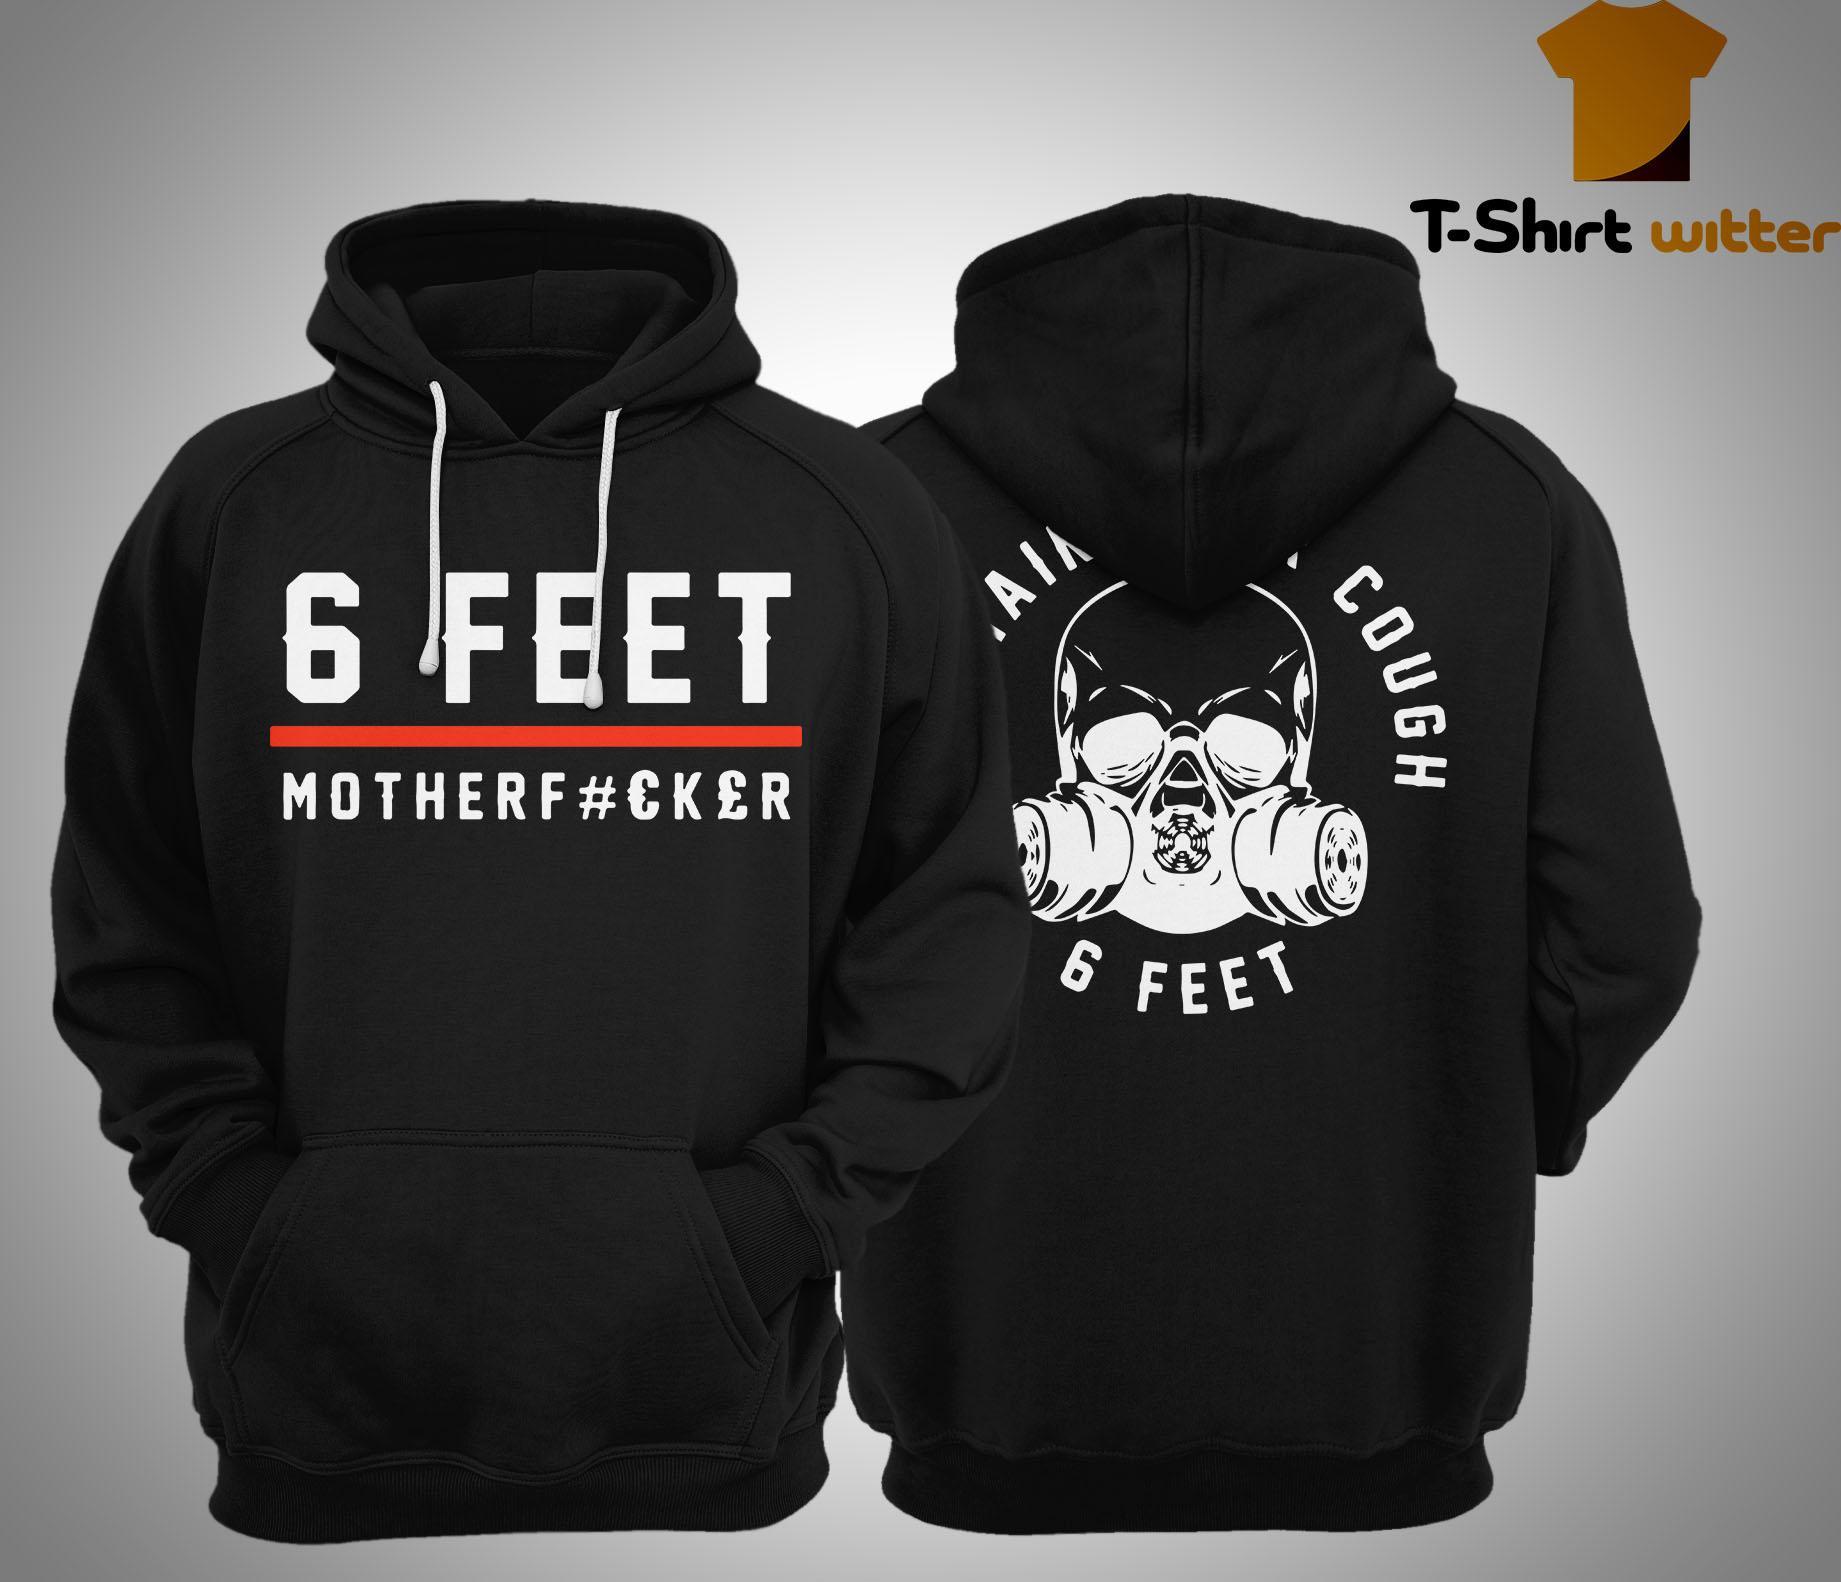 6 Feet Motherfucker Hoodie